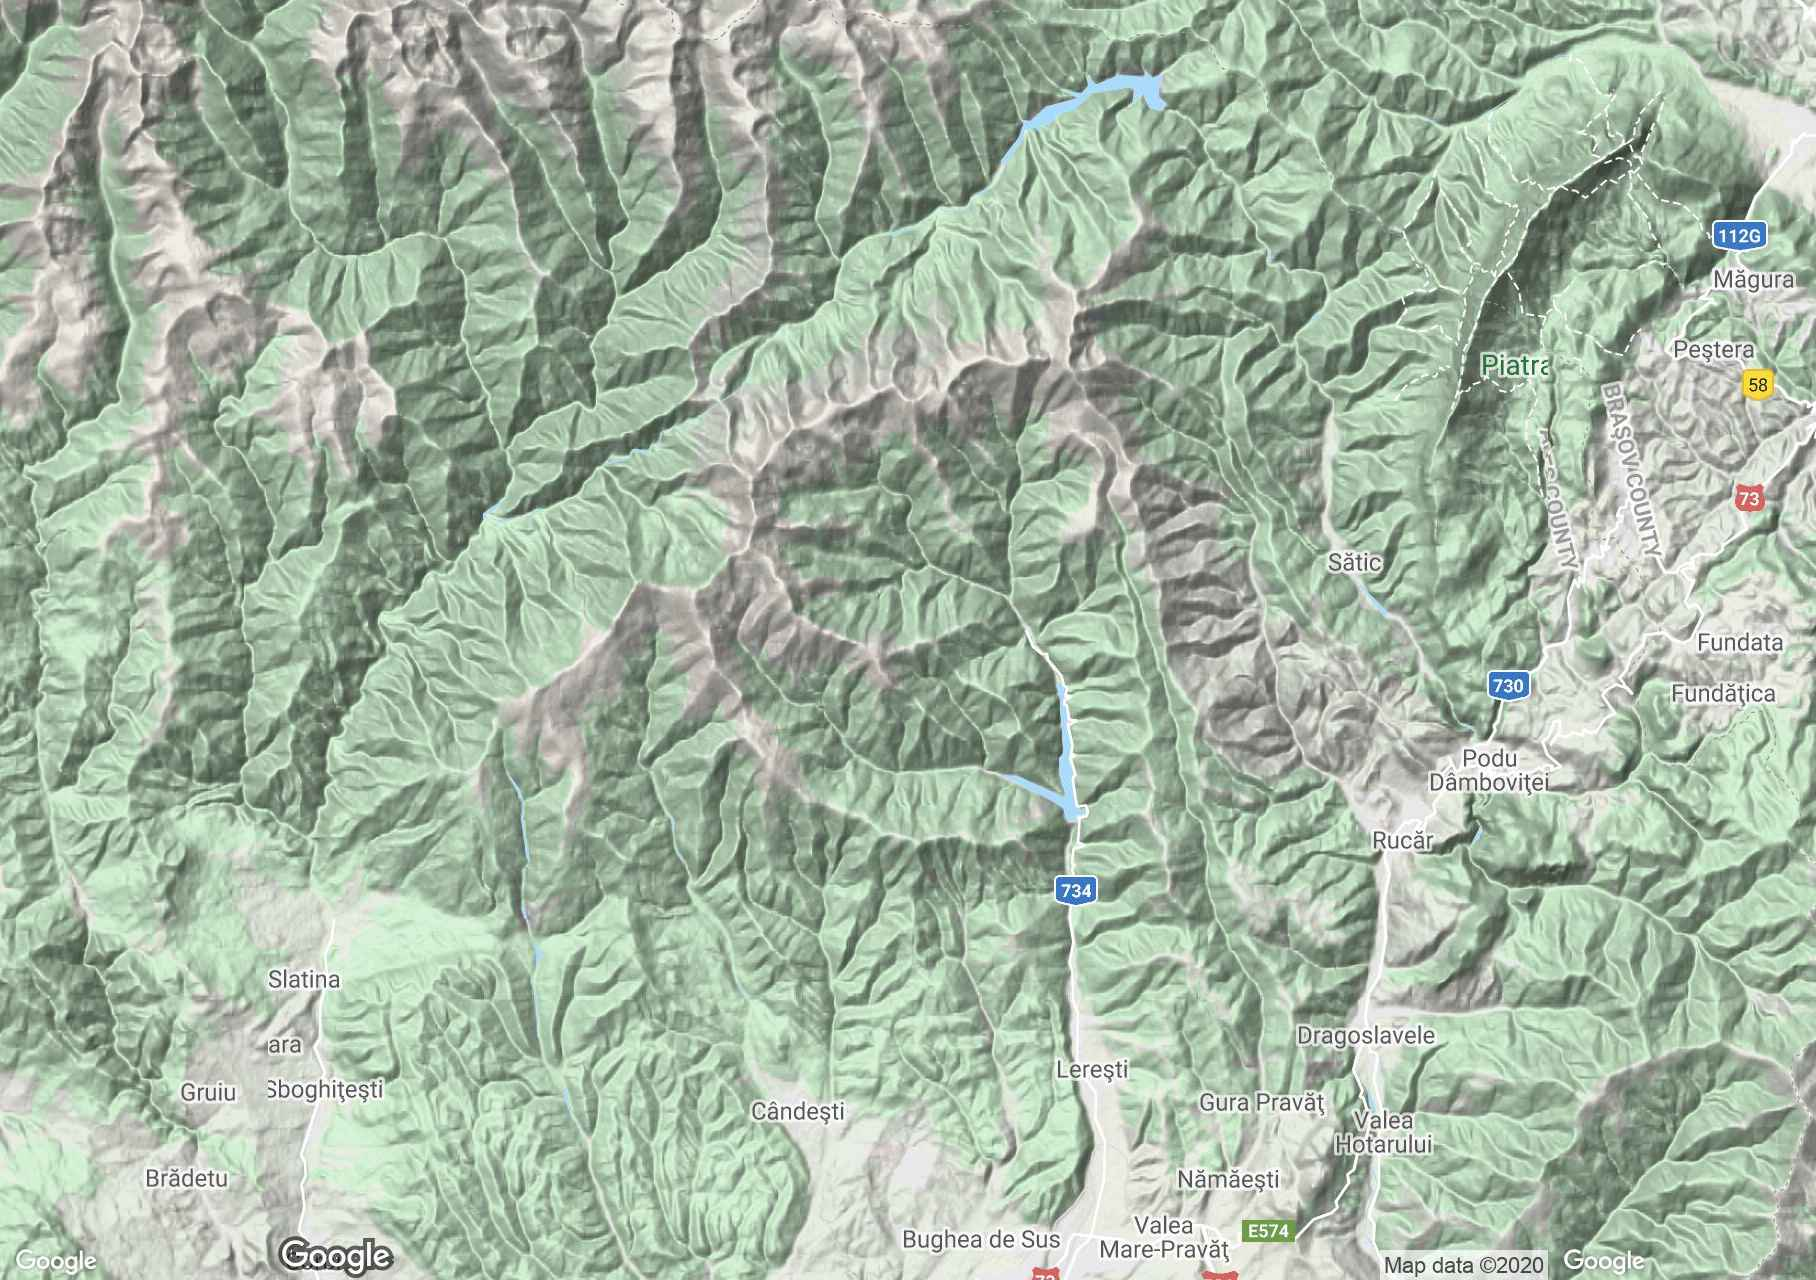 Jézer-Papusa hegység interaktív turista térképe.